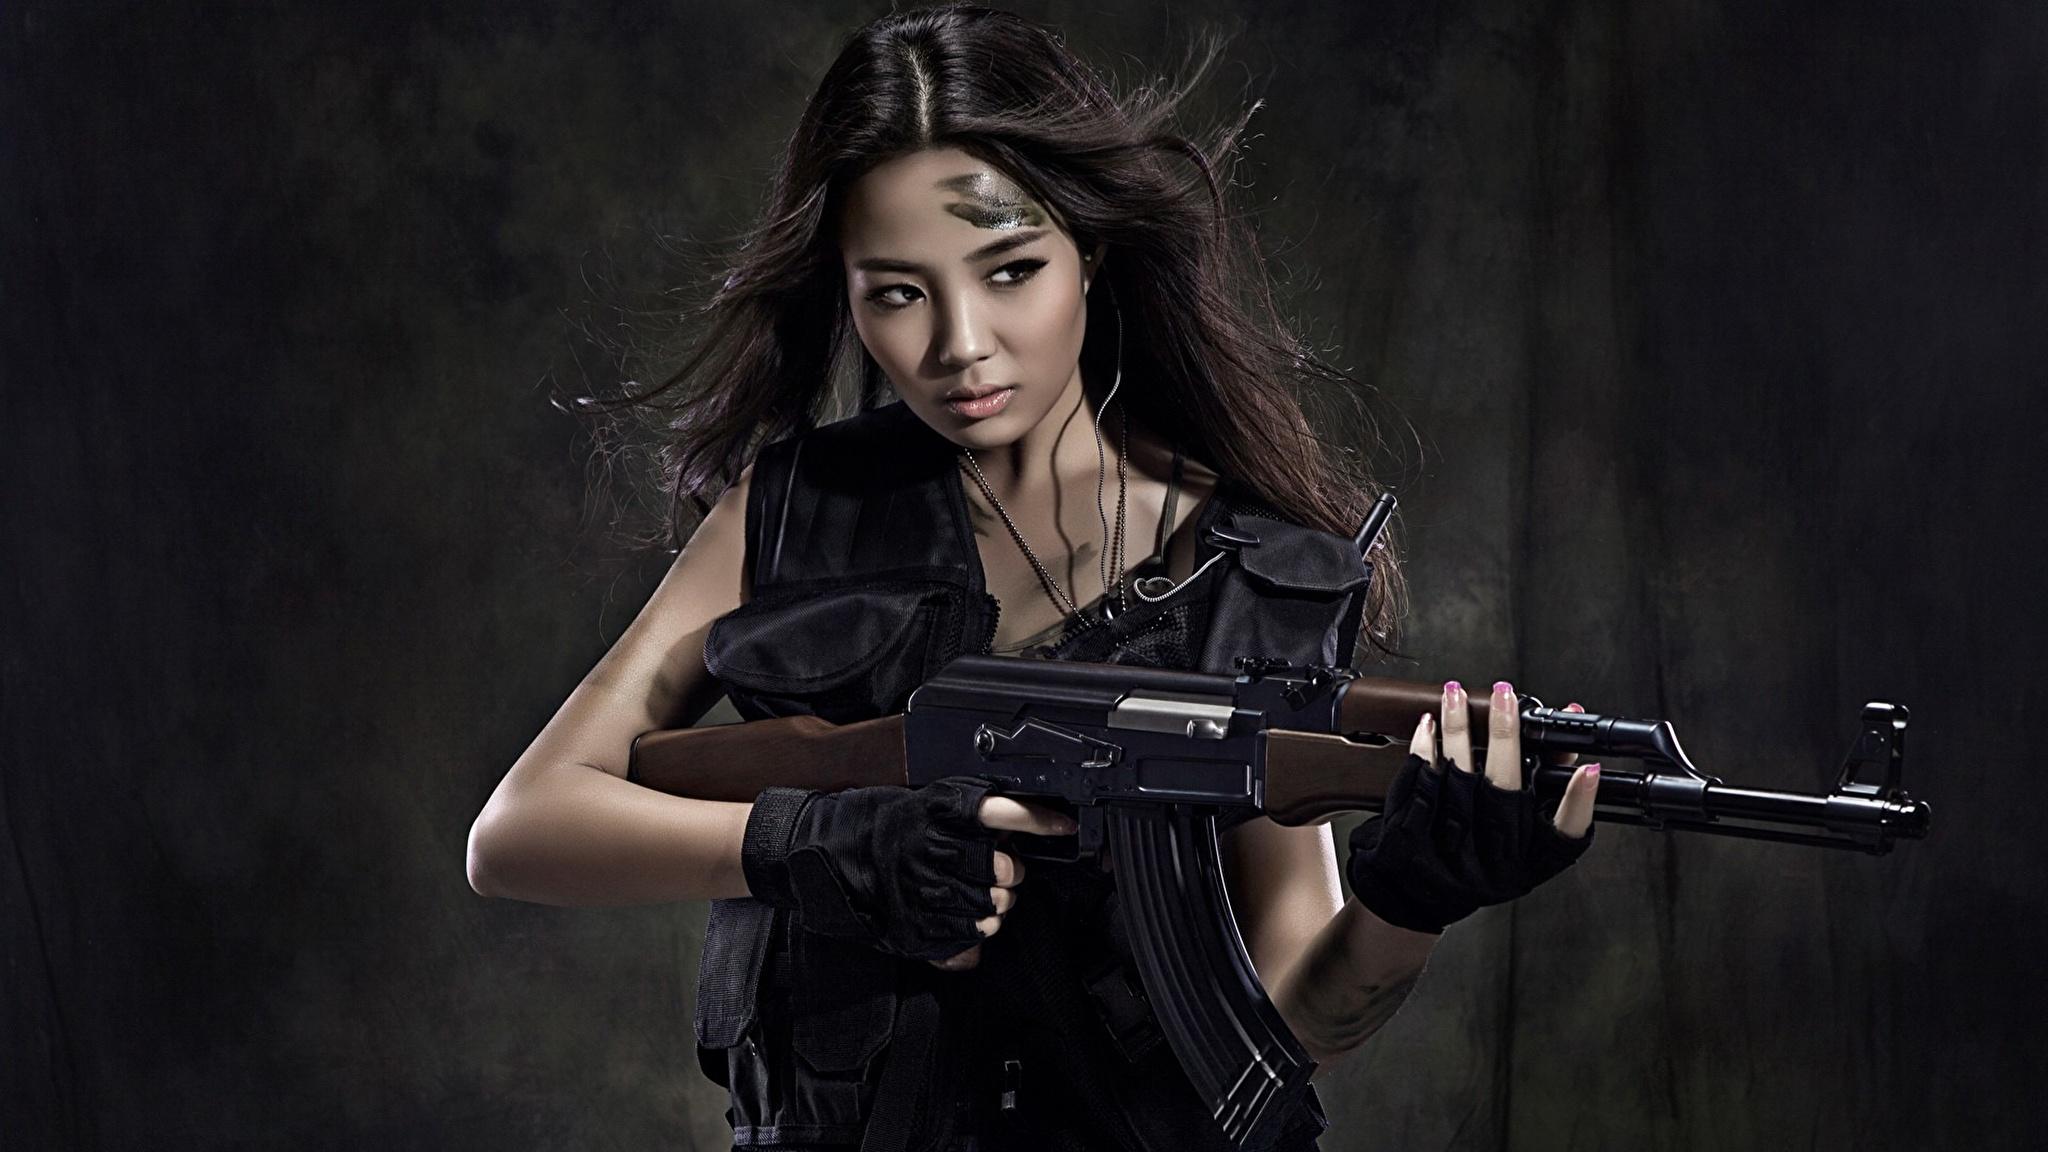 даже огромные фото красоток с оружием хлопая глазами